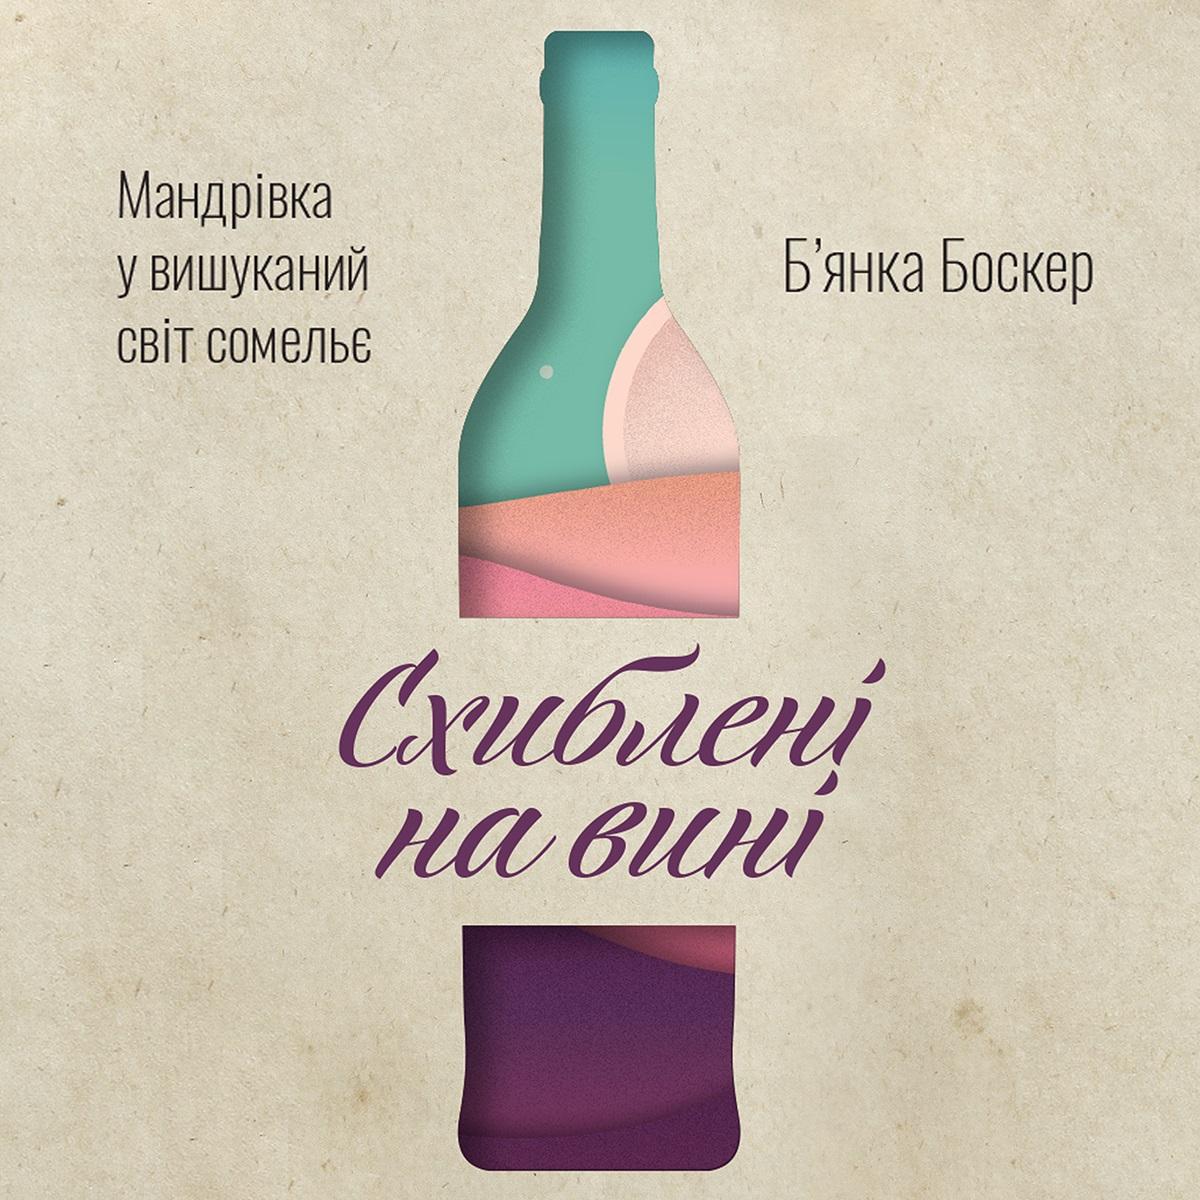 Схиблені на вині